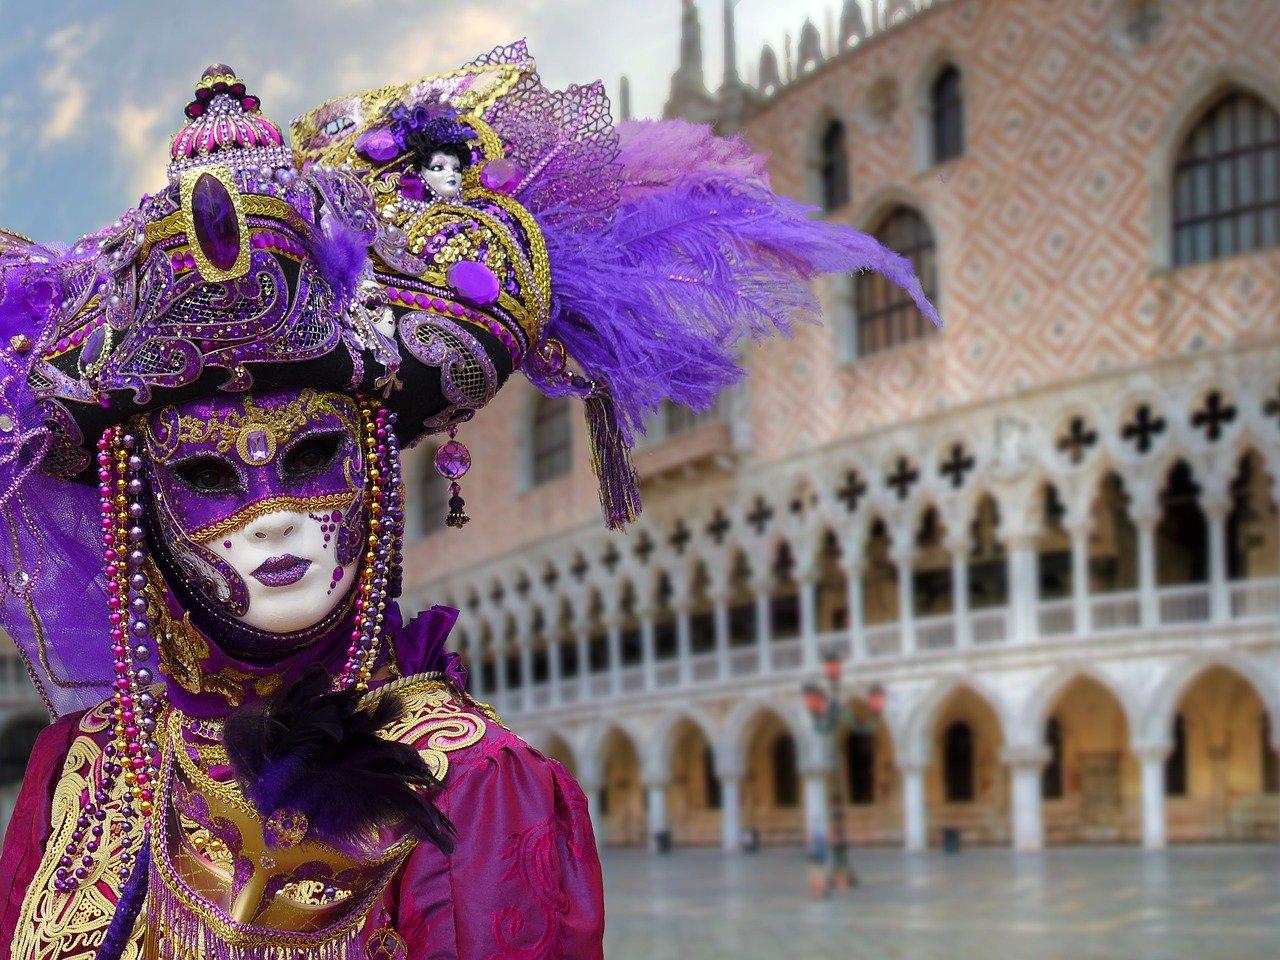 01 foto amore gioco follia programma carnevale 2020 www.carnevale.venezia.it venezia centro storico terraferma calendario agenda eventi carnevale di venezia.jpg